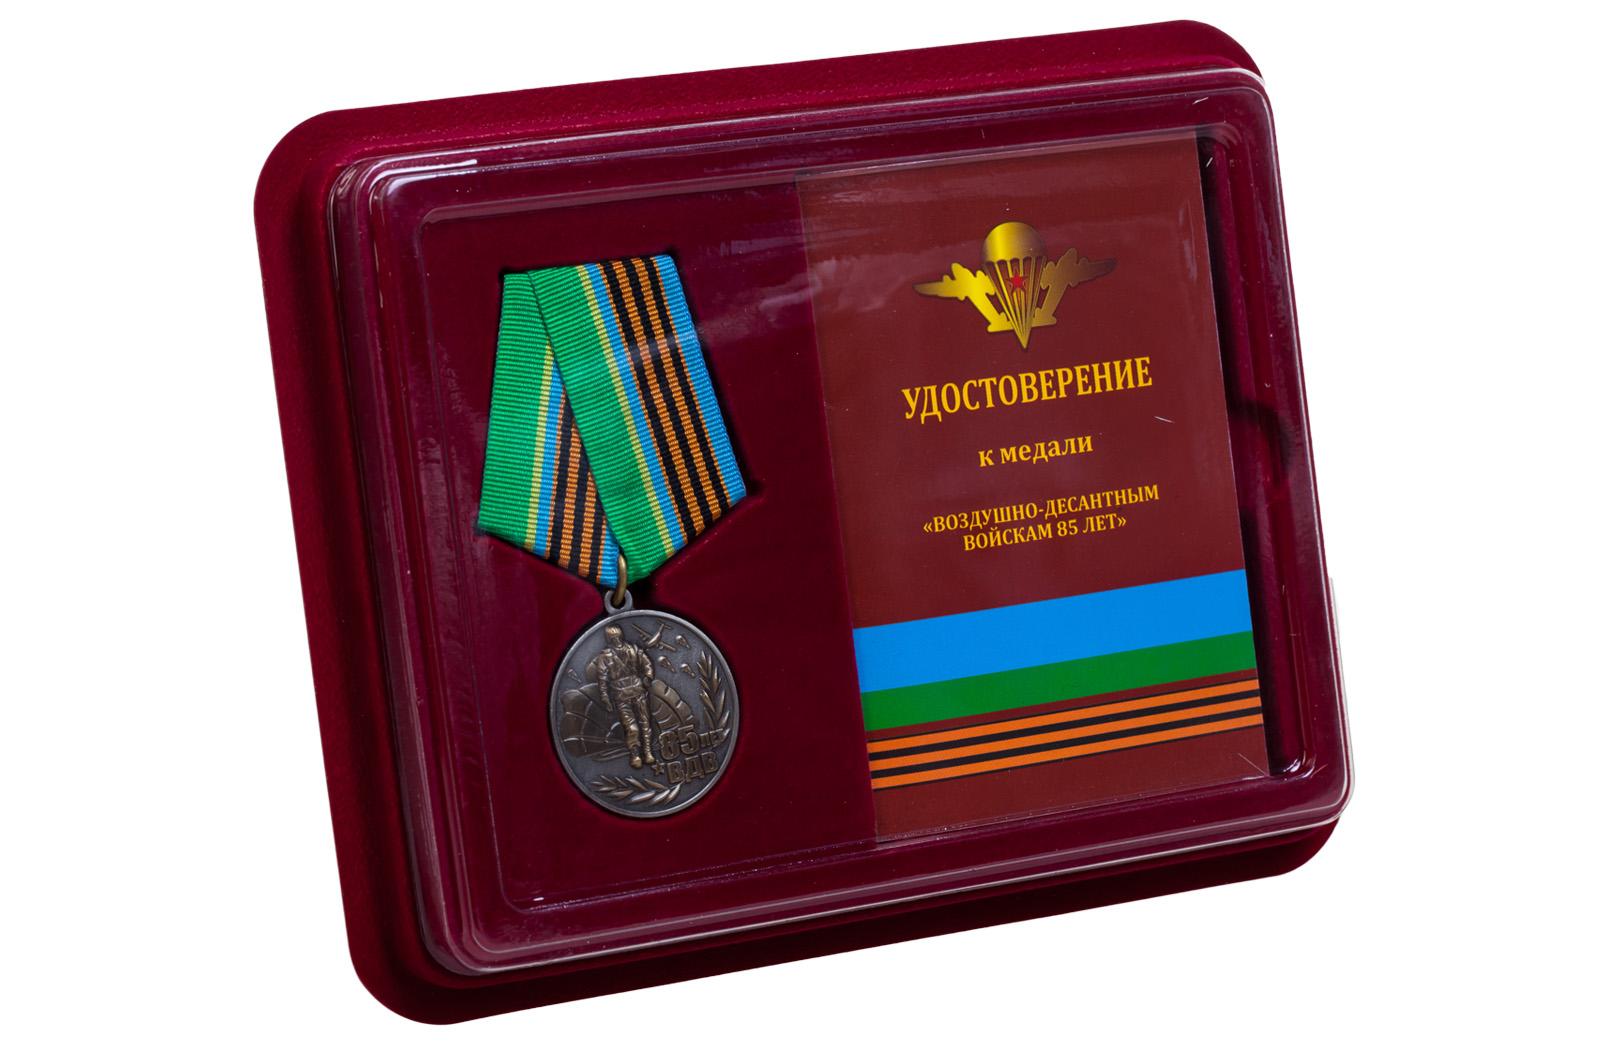 Купить медаль 85 лет ВДВ в футляре с удостоверением в подарок с доставкой